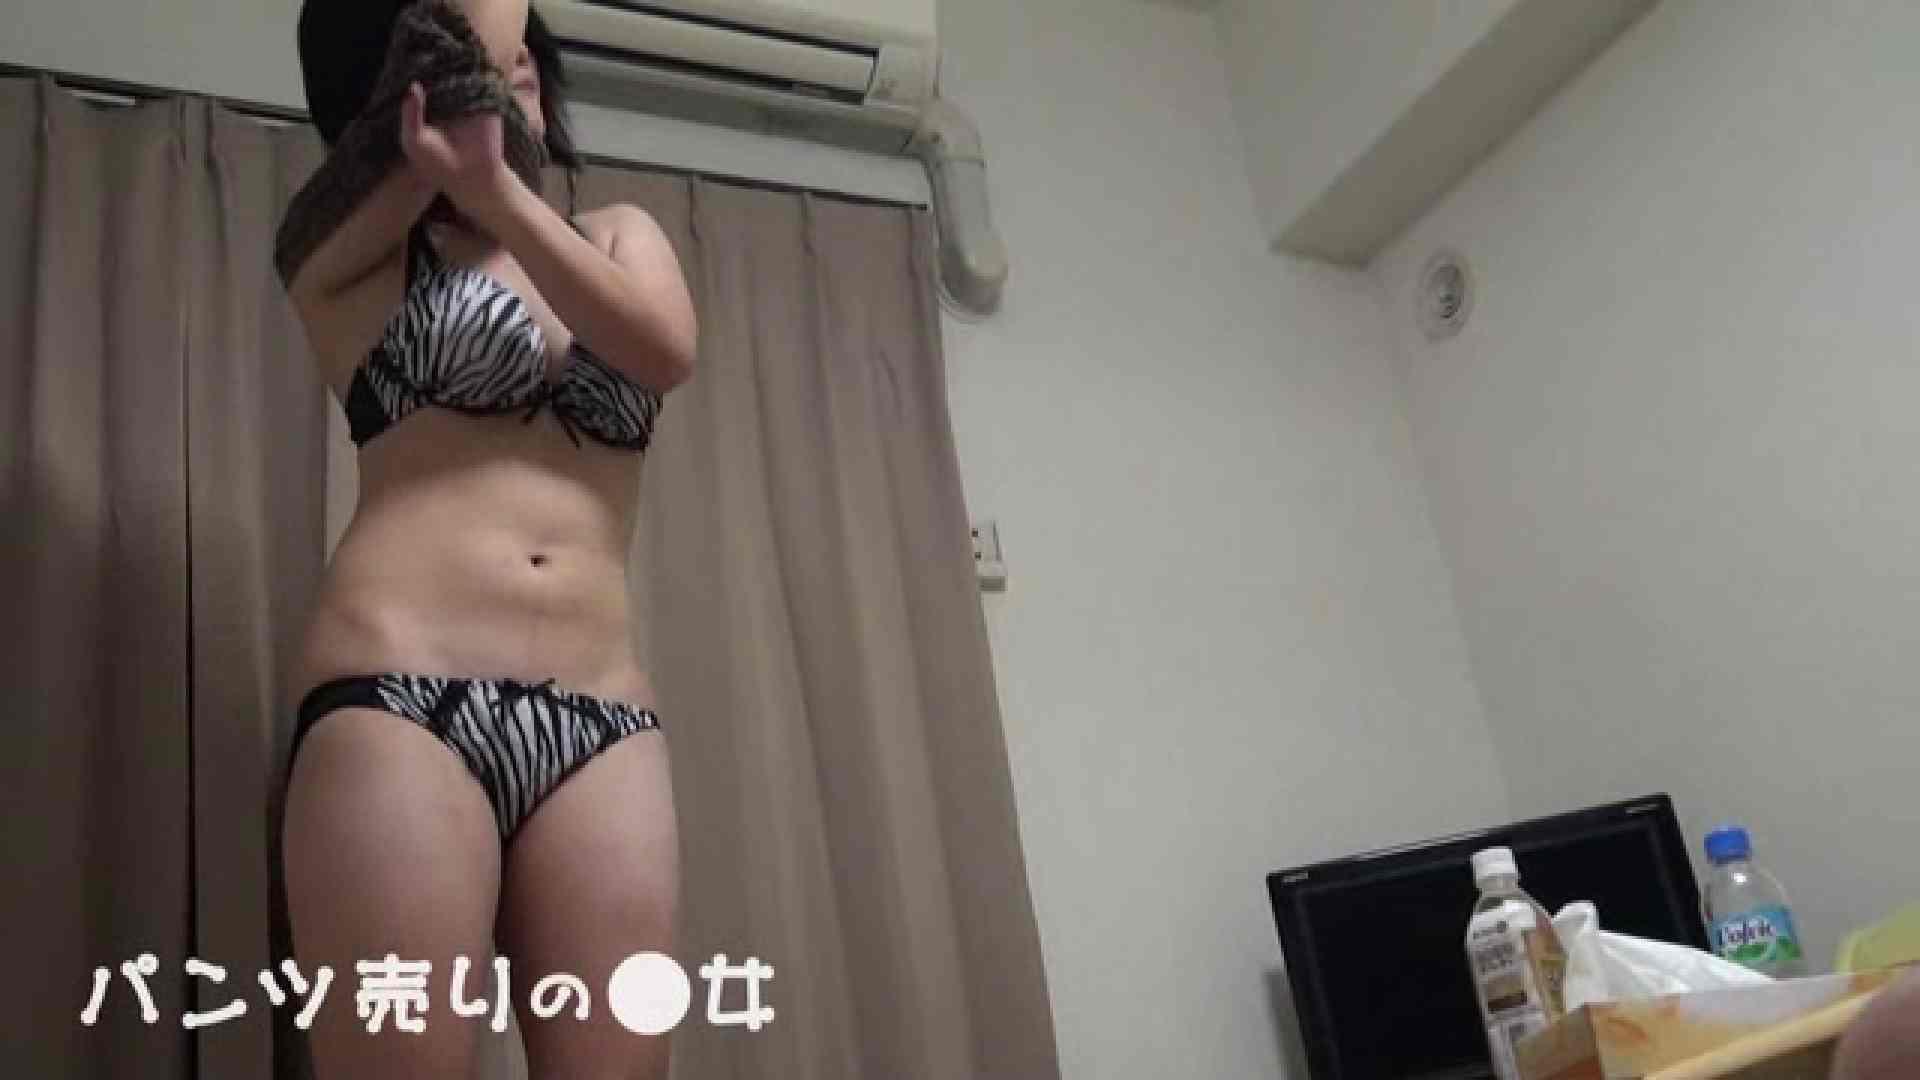 ハメ撮り|新説 パンツ売りの女の子mizuki|大奥